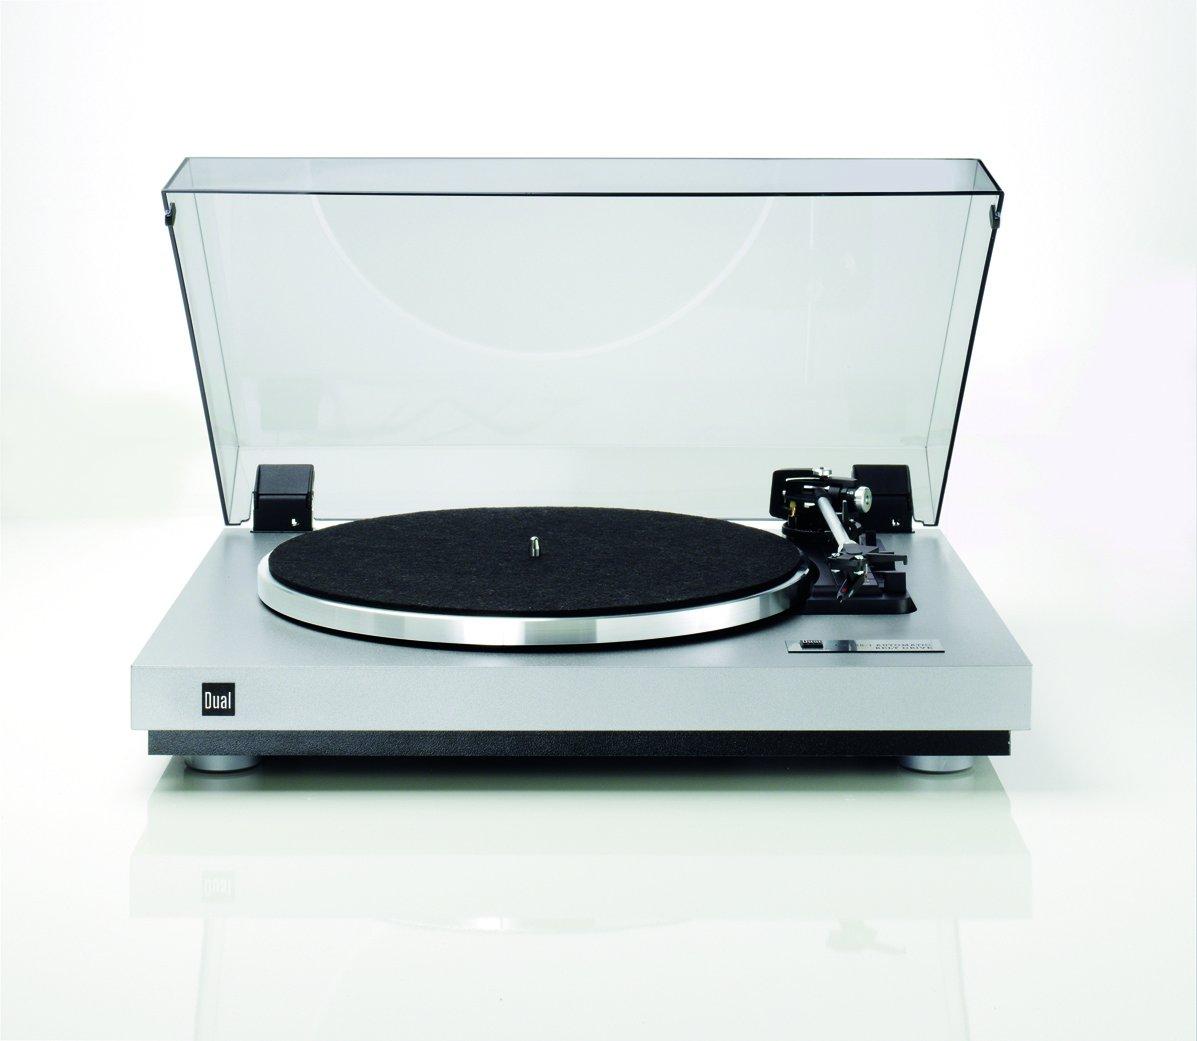 Tocadiscos Dual CS 455-1 Ev Plata: Amazon.es: Electrónica